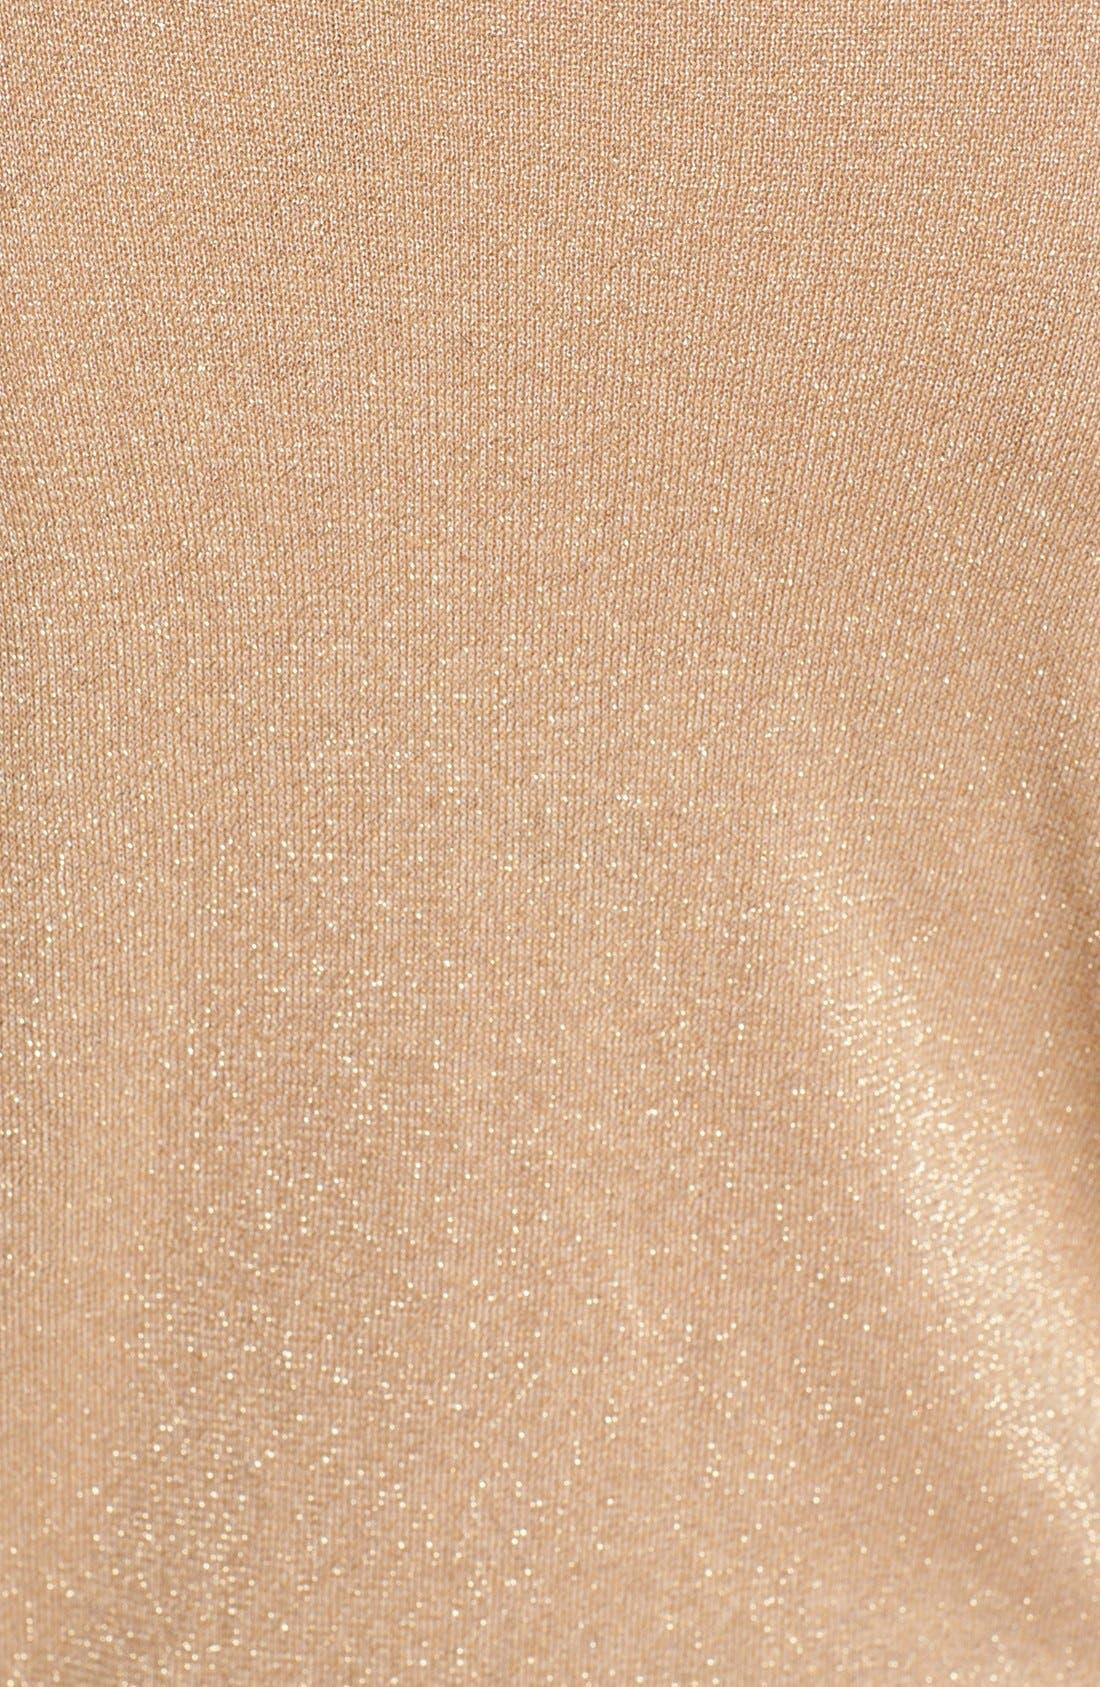 Alternate Image 3  - MICHAEL Michael Kors Studded Sleeve Metallic Sweater (Regular & Petite)